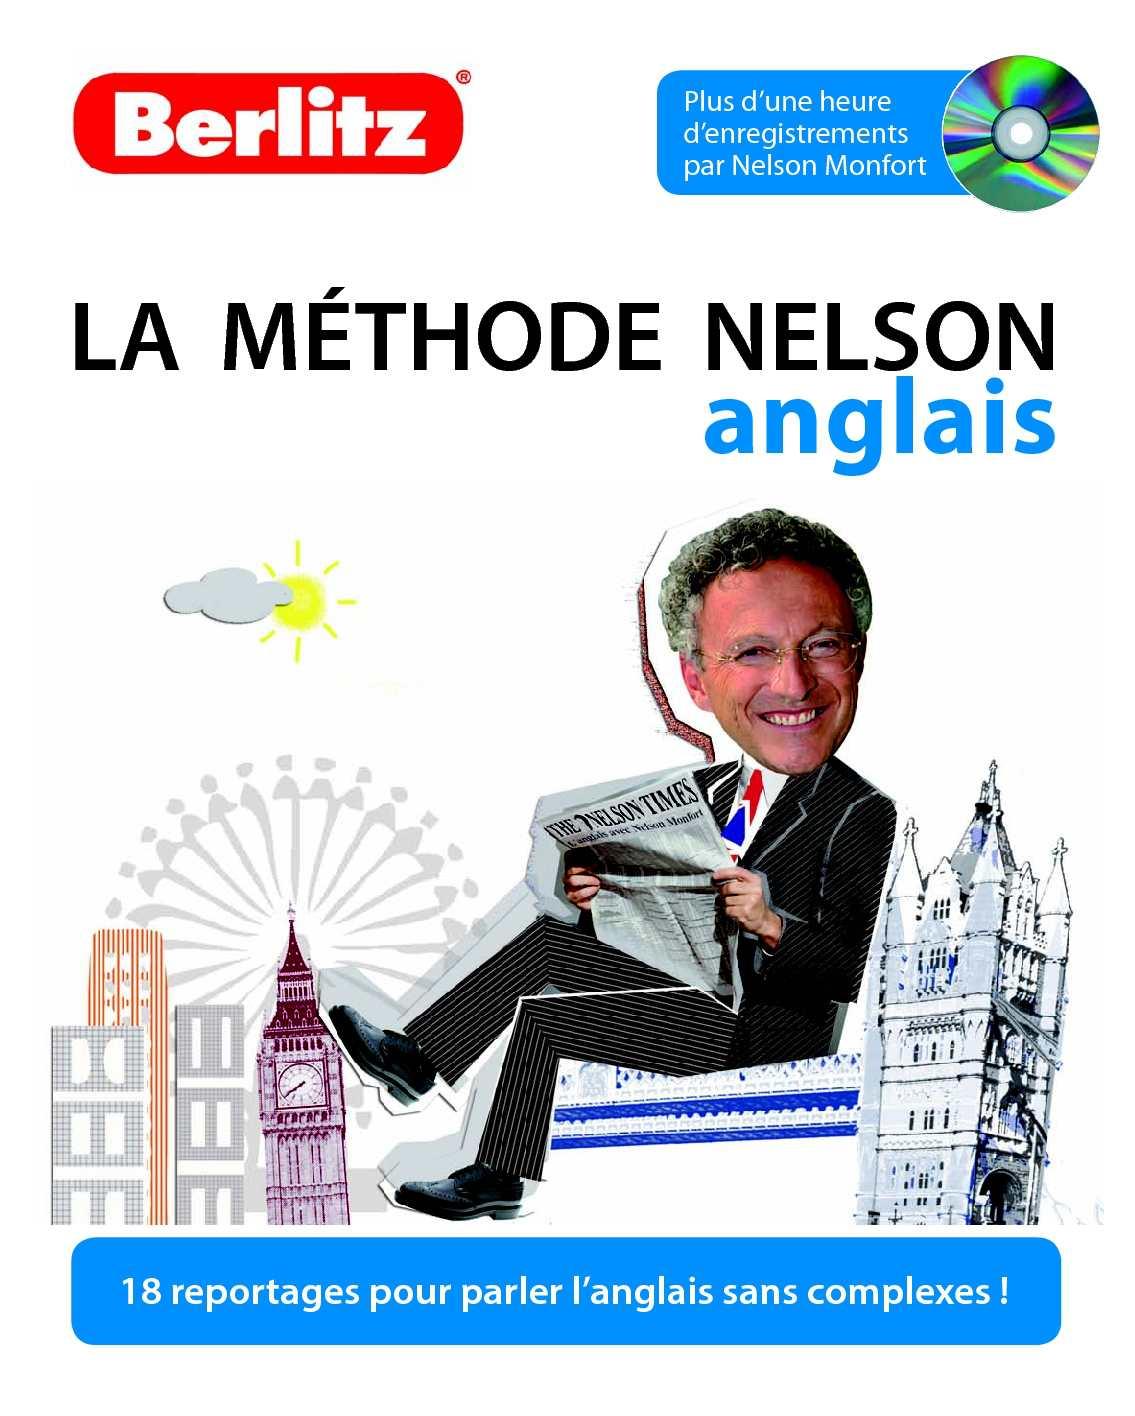 Apprenez l'anglais avec la méthode de langue Nelson Monfort - Berlitz éditions